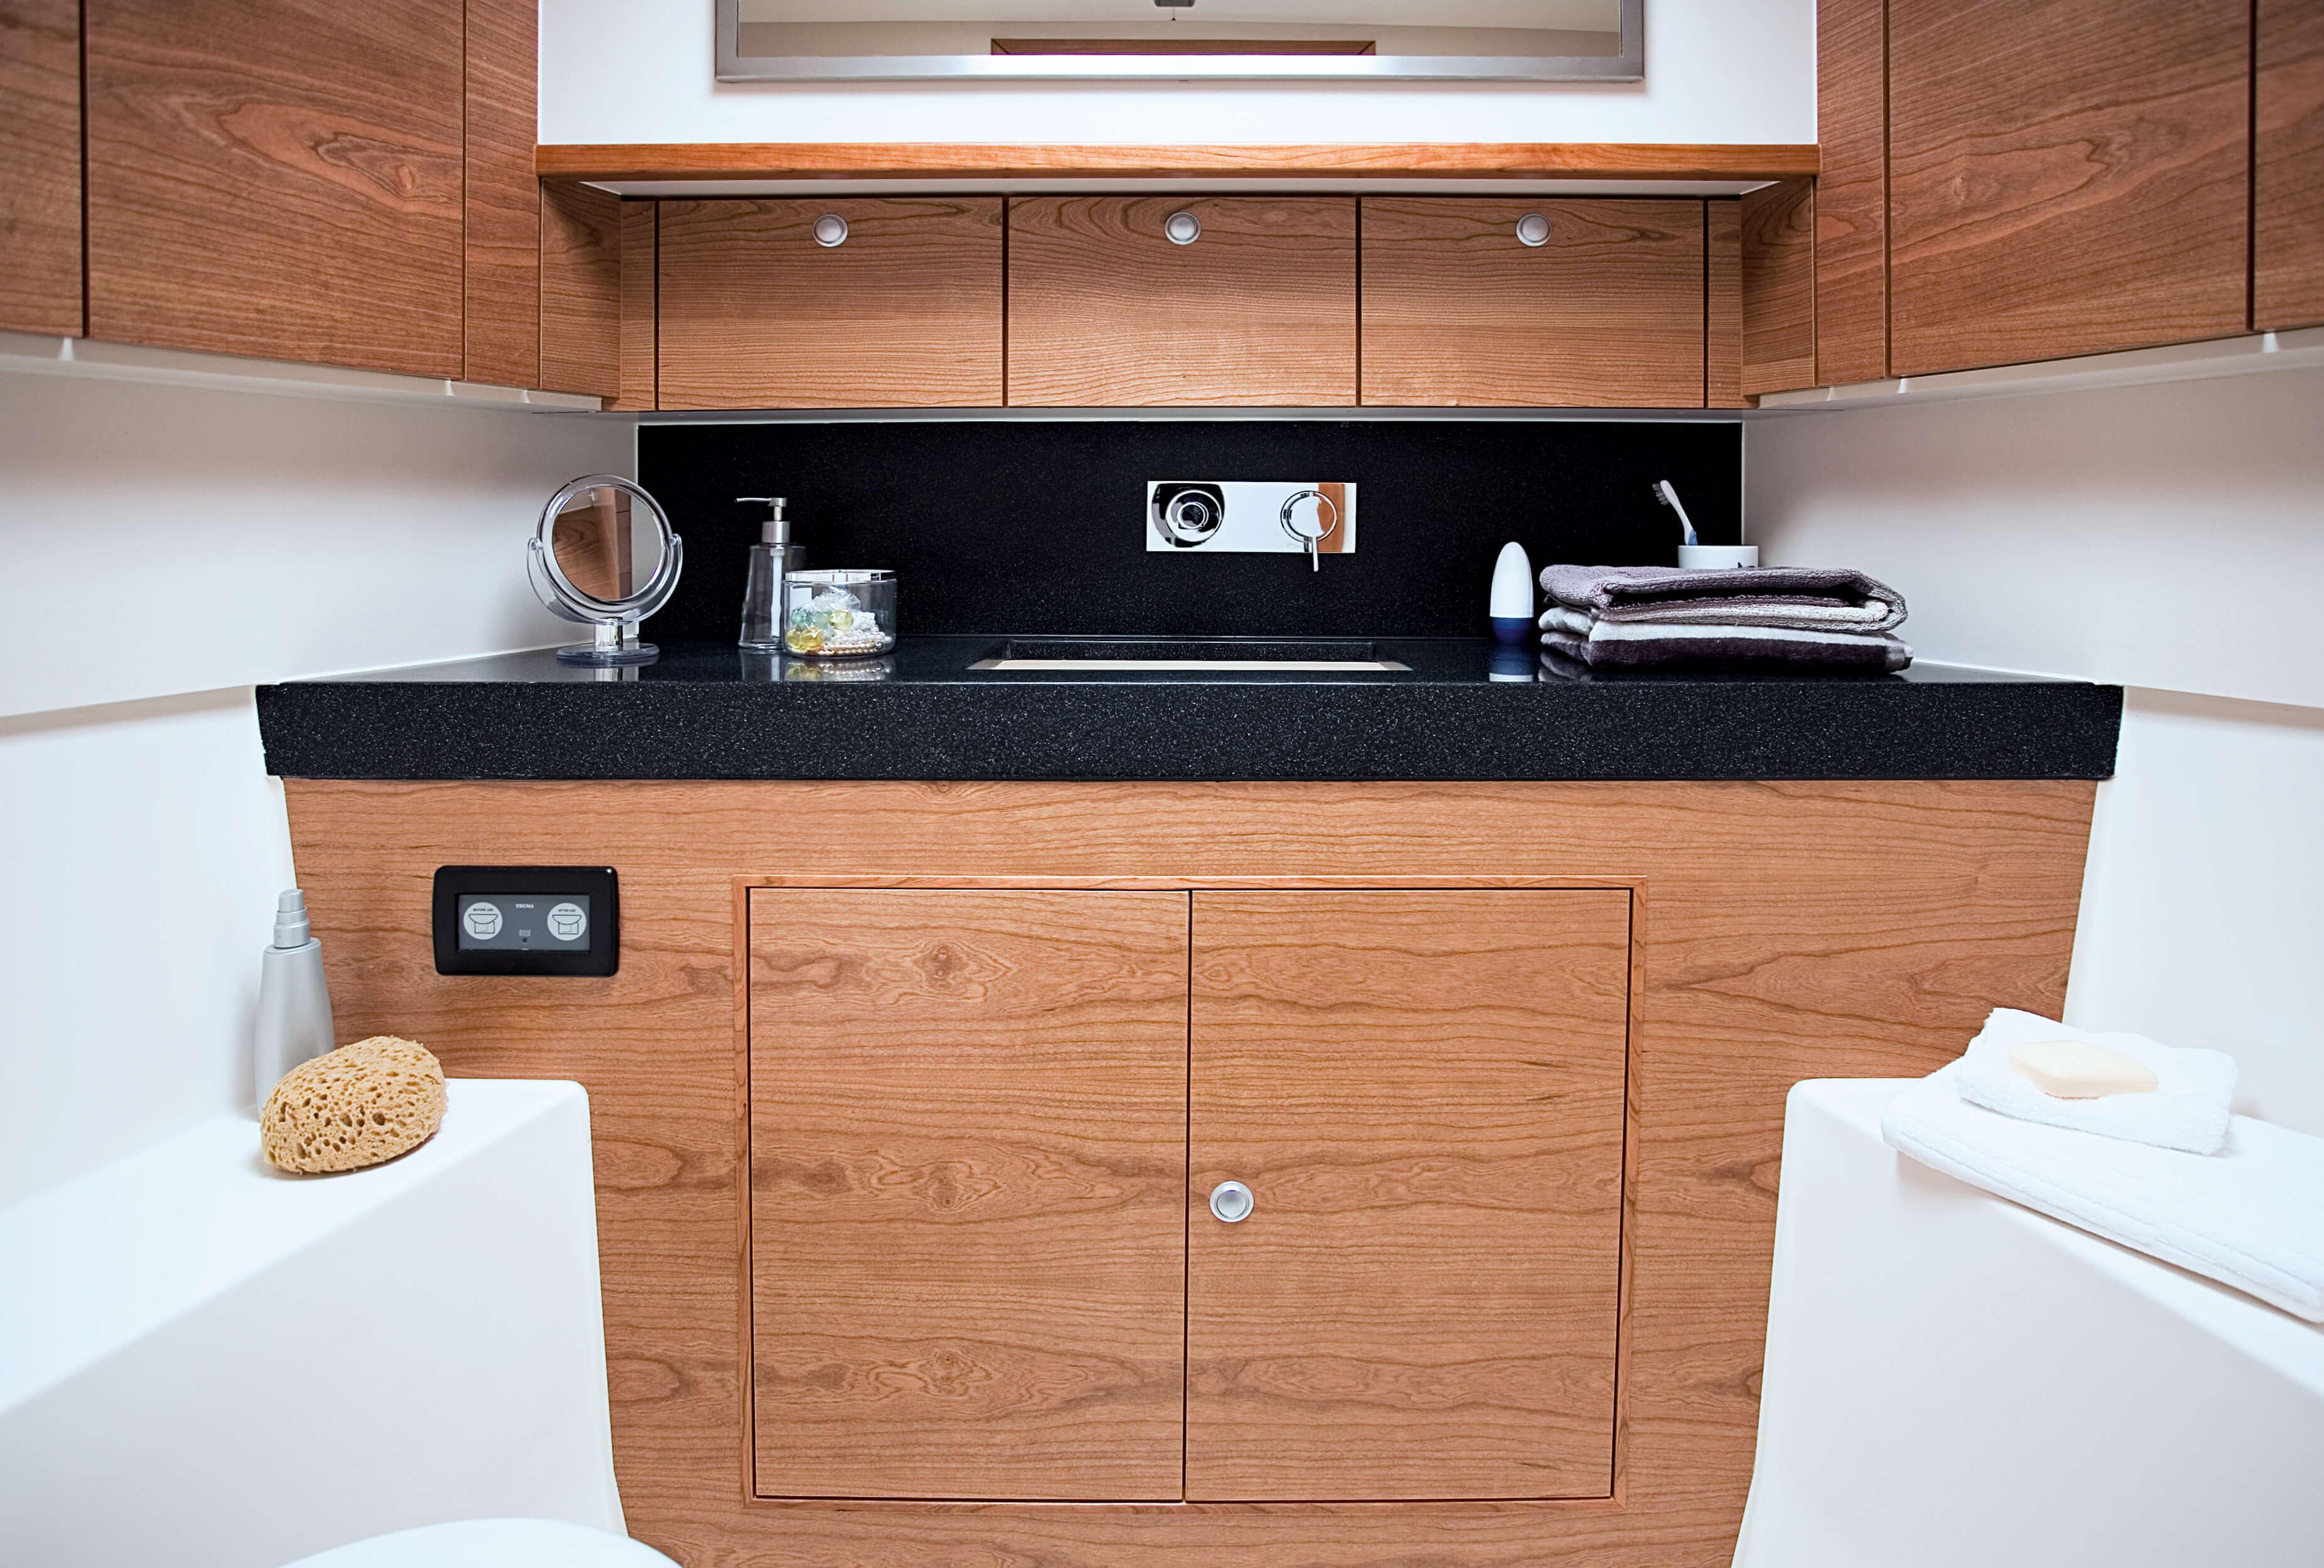 Hanse 540e Interior view wet cell | Hanse